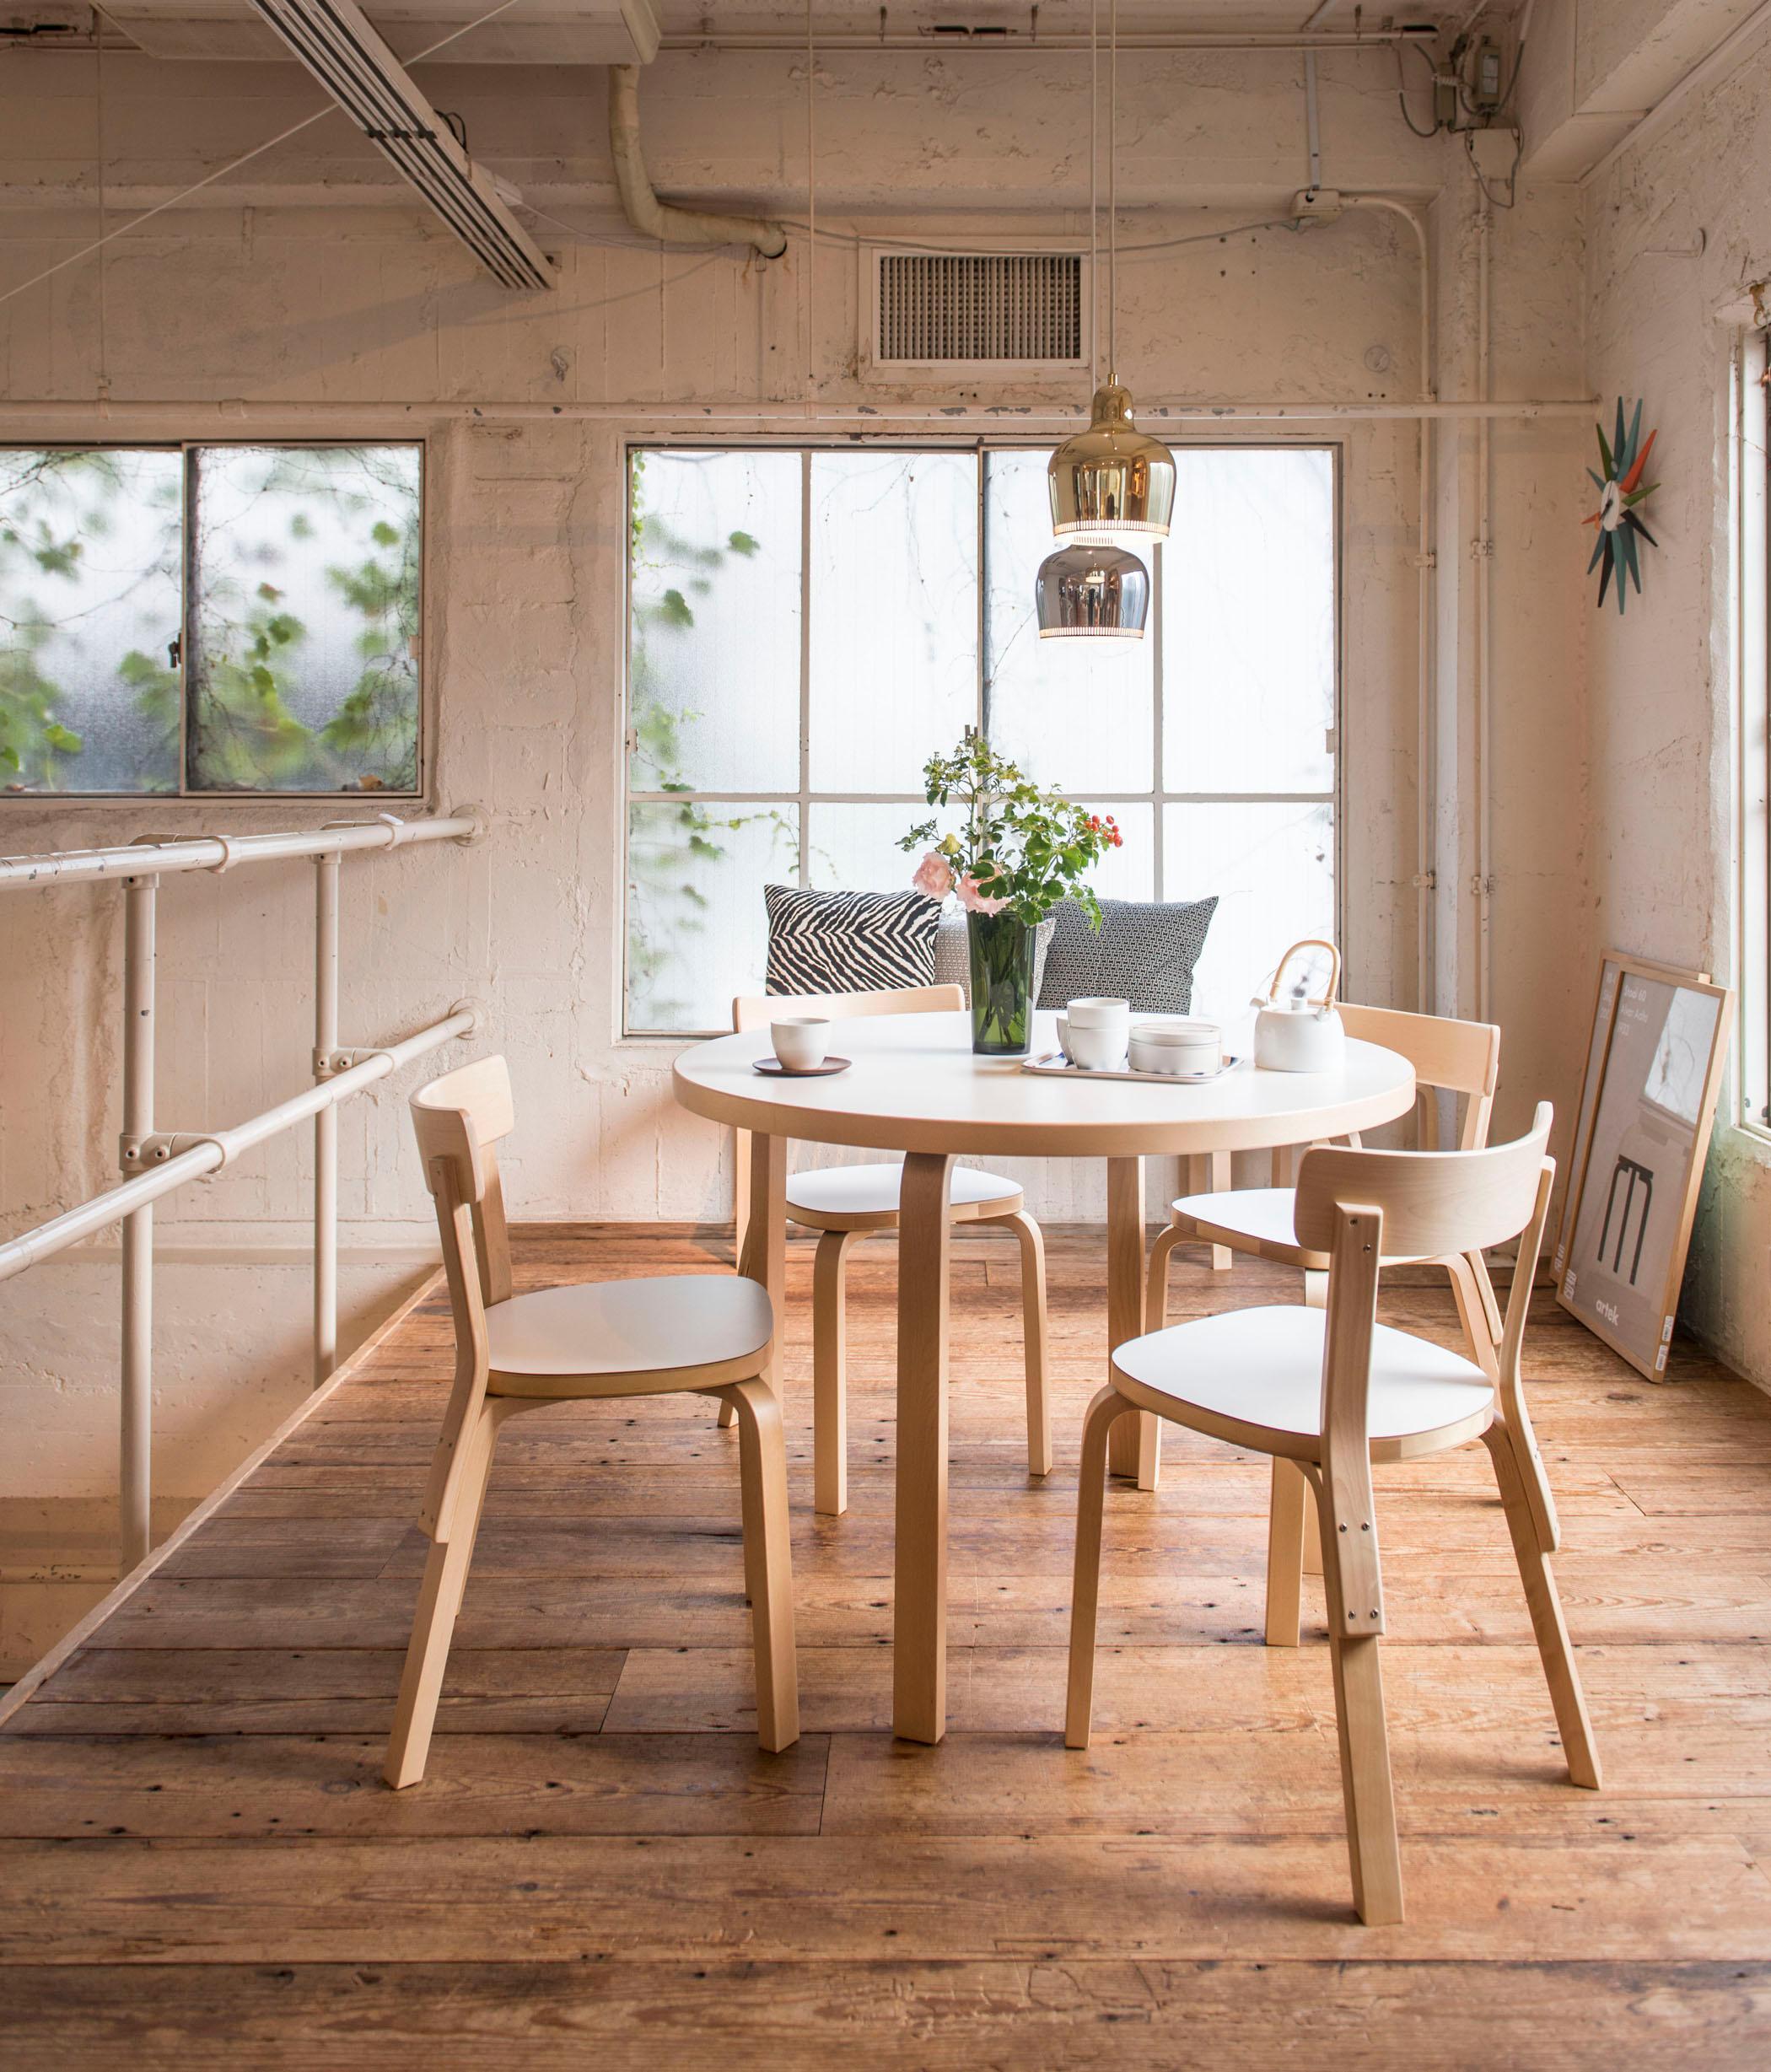 Runder esstisch bilder ideen couchstyle for Runder esstisch design